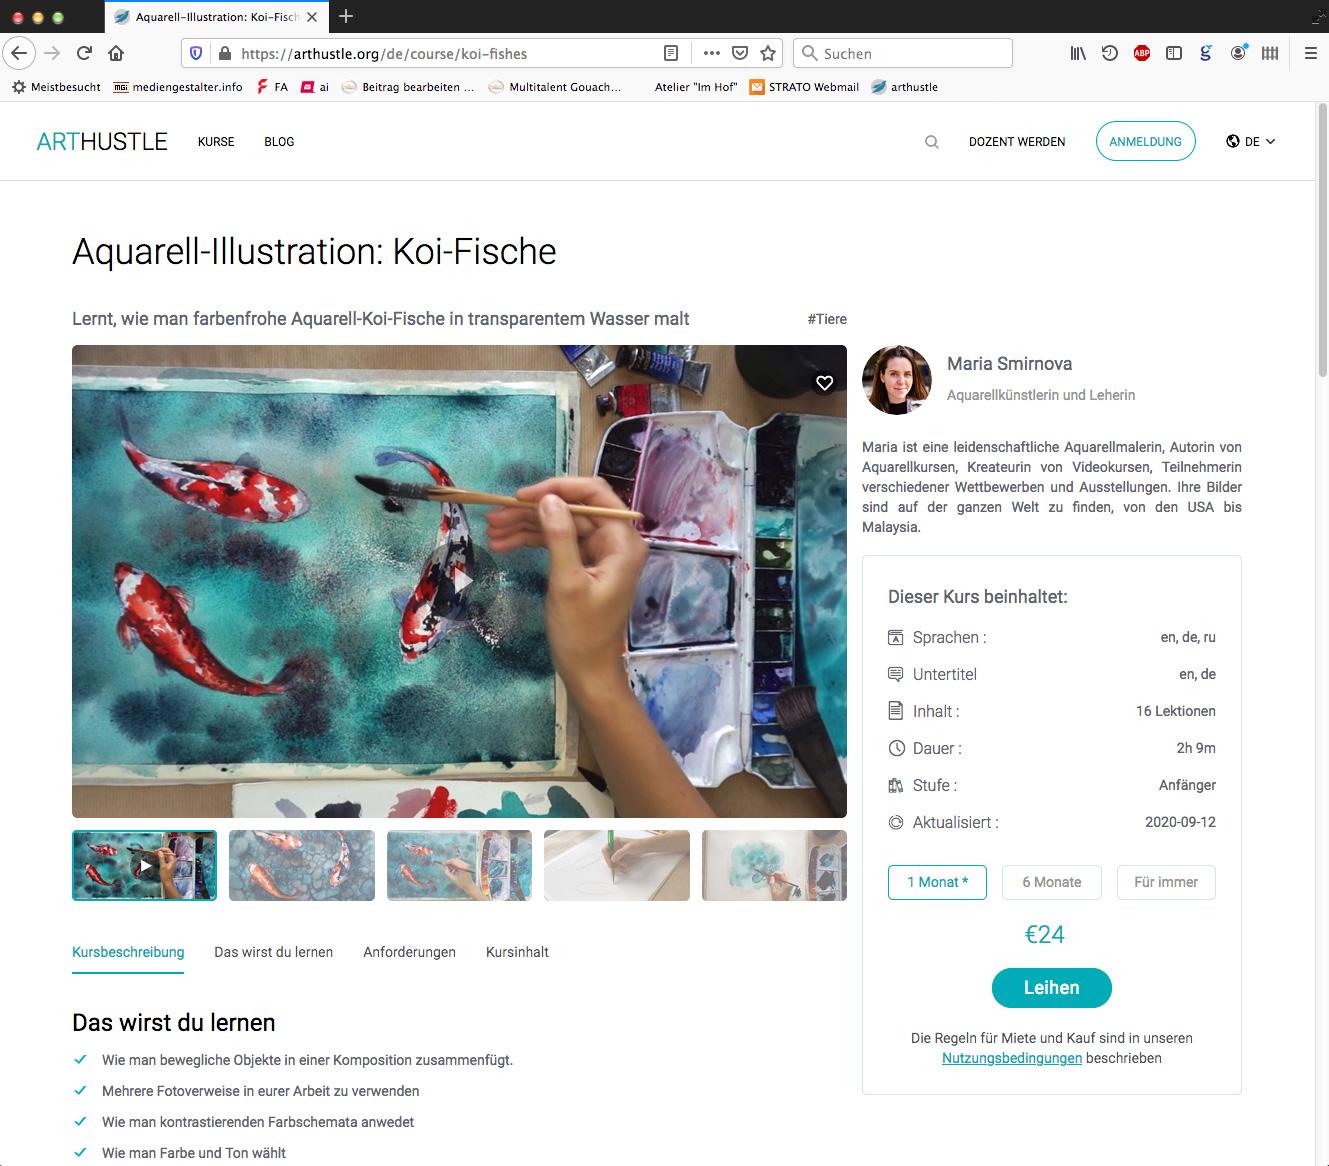 Aquarell-Illustration: Koi-Fische von Maria Smirnova auf der Plattform ArtHustle.org